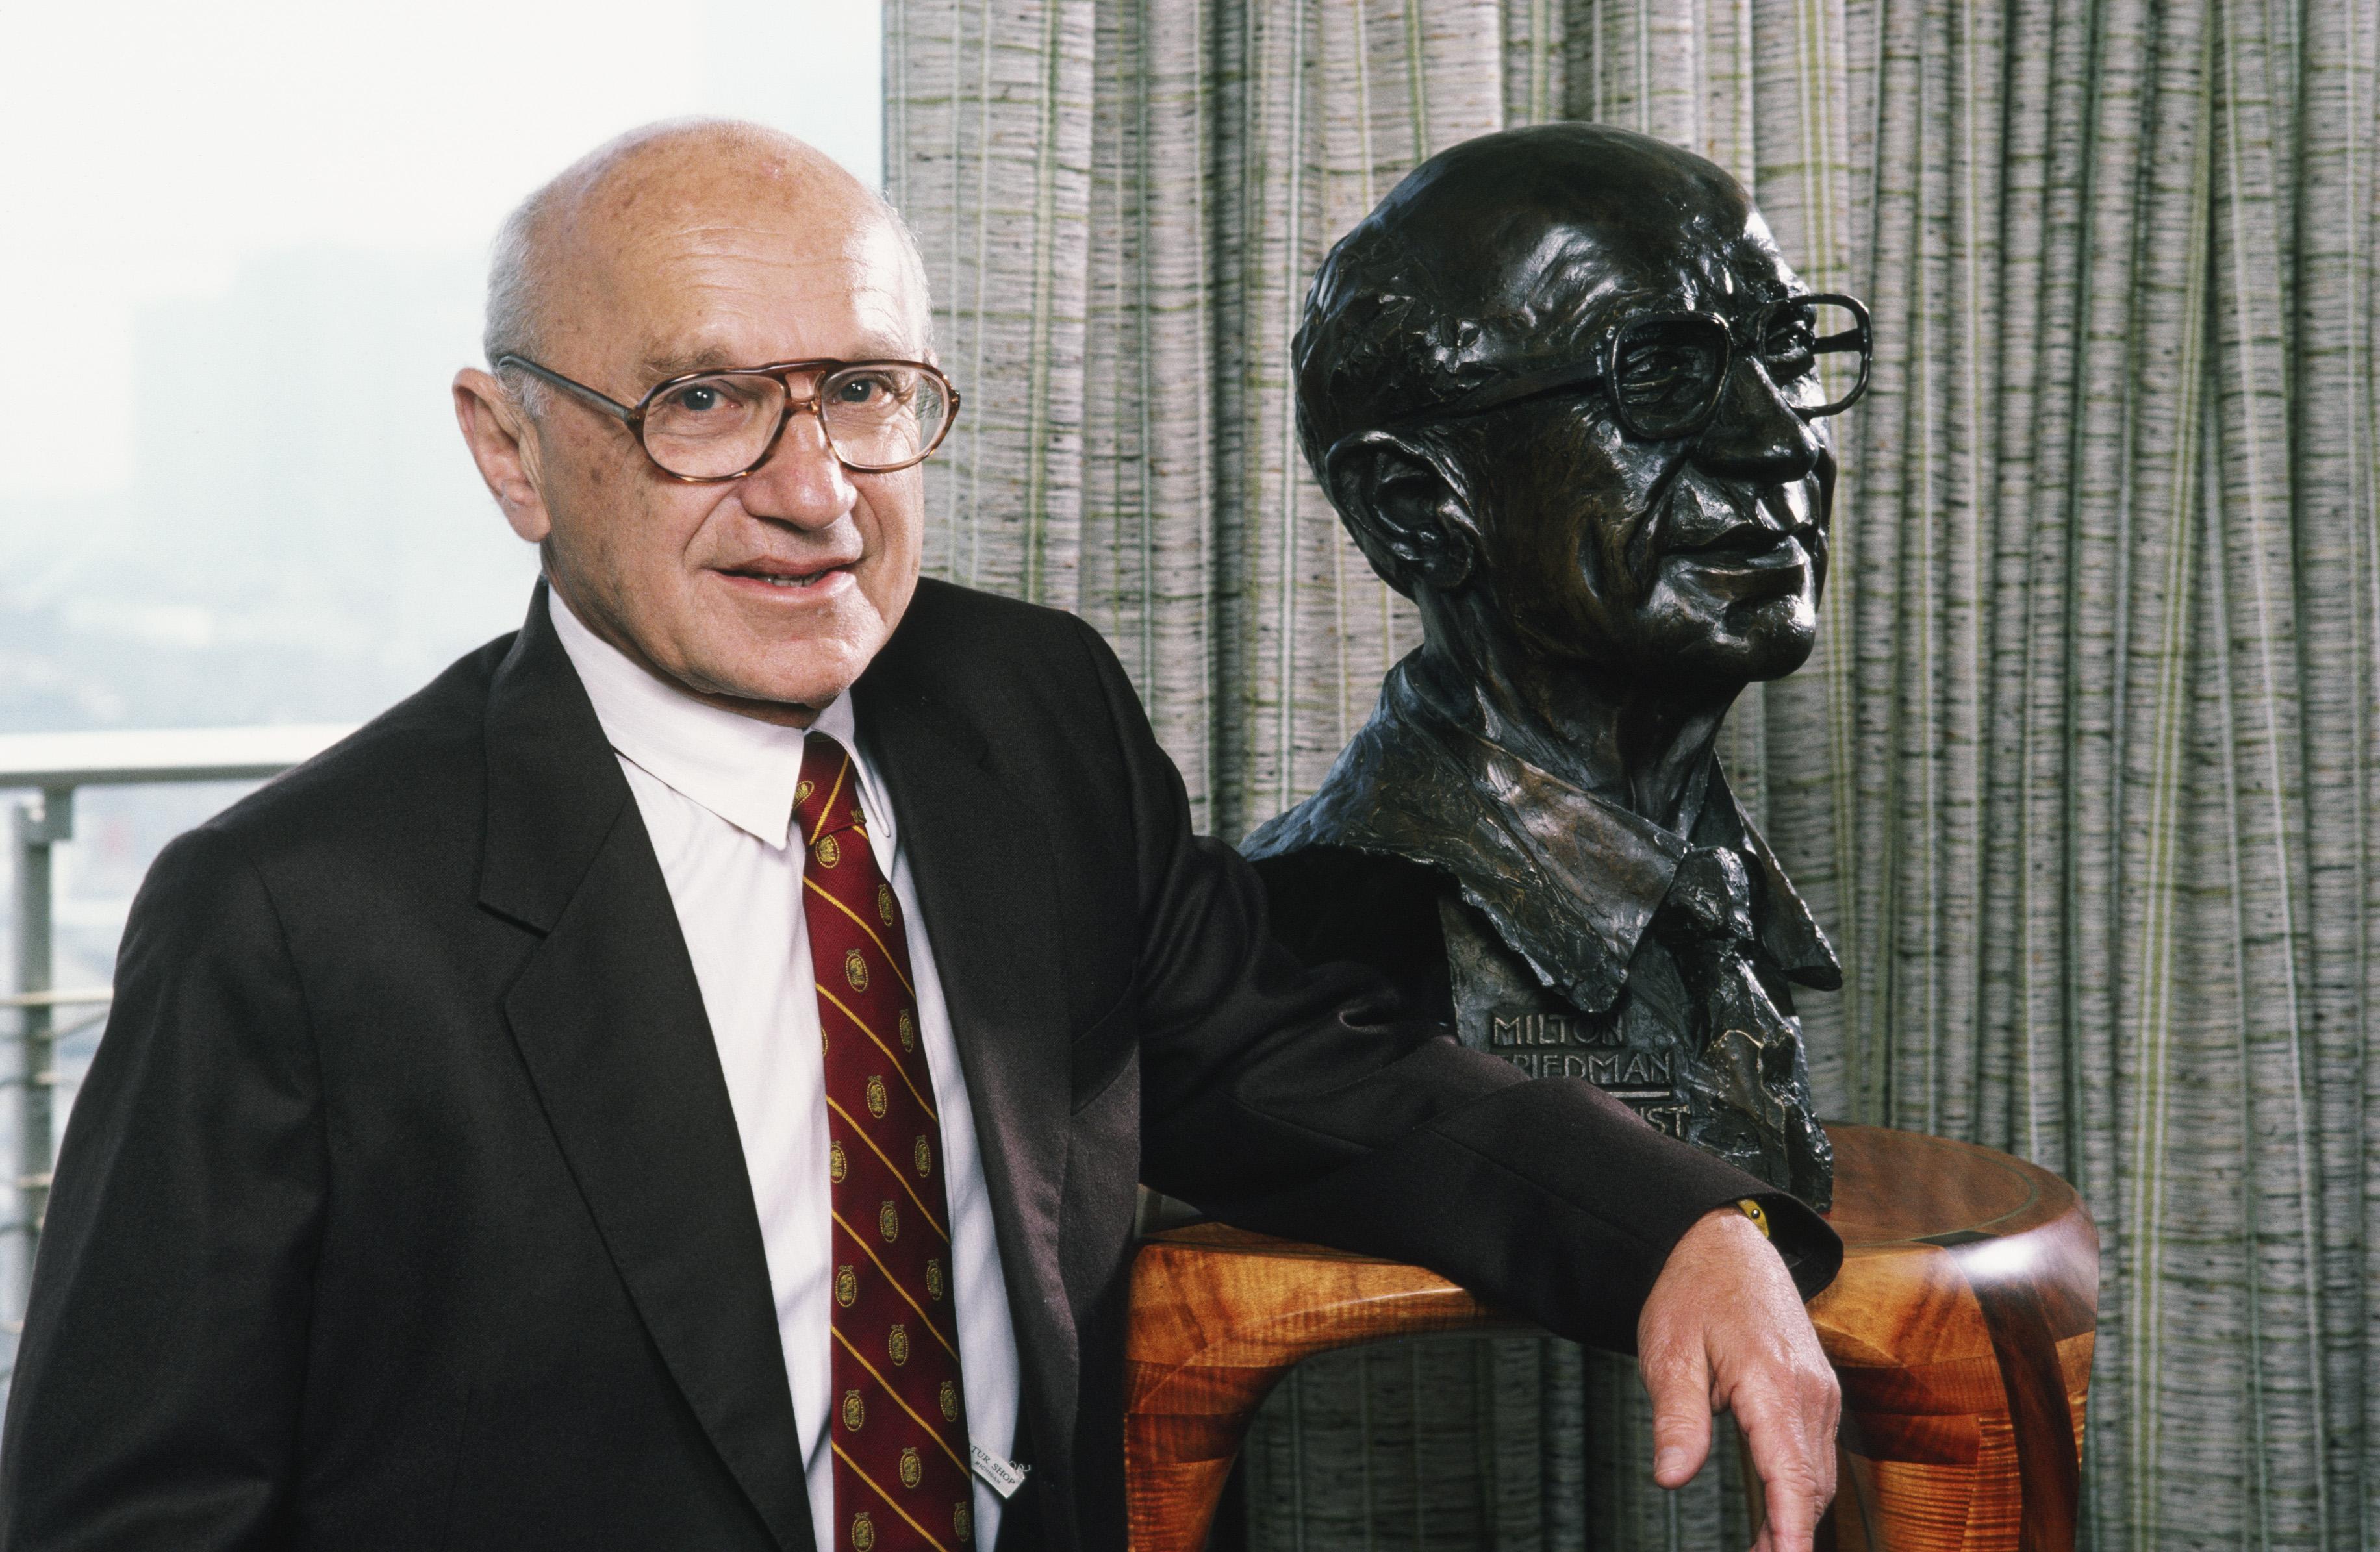 Economist Milton Friedman Portrait Session